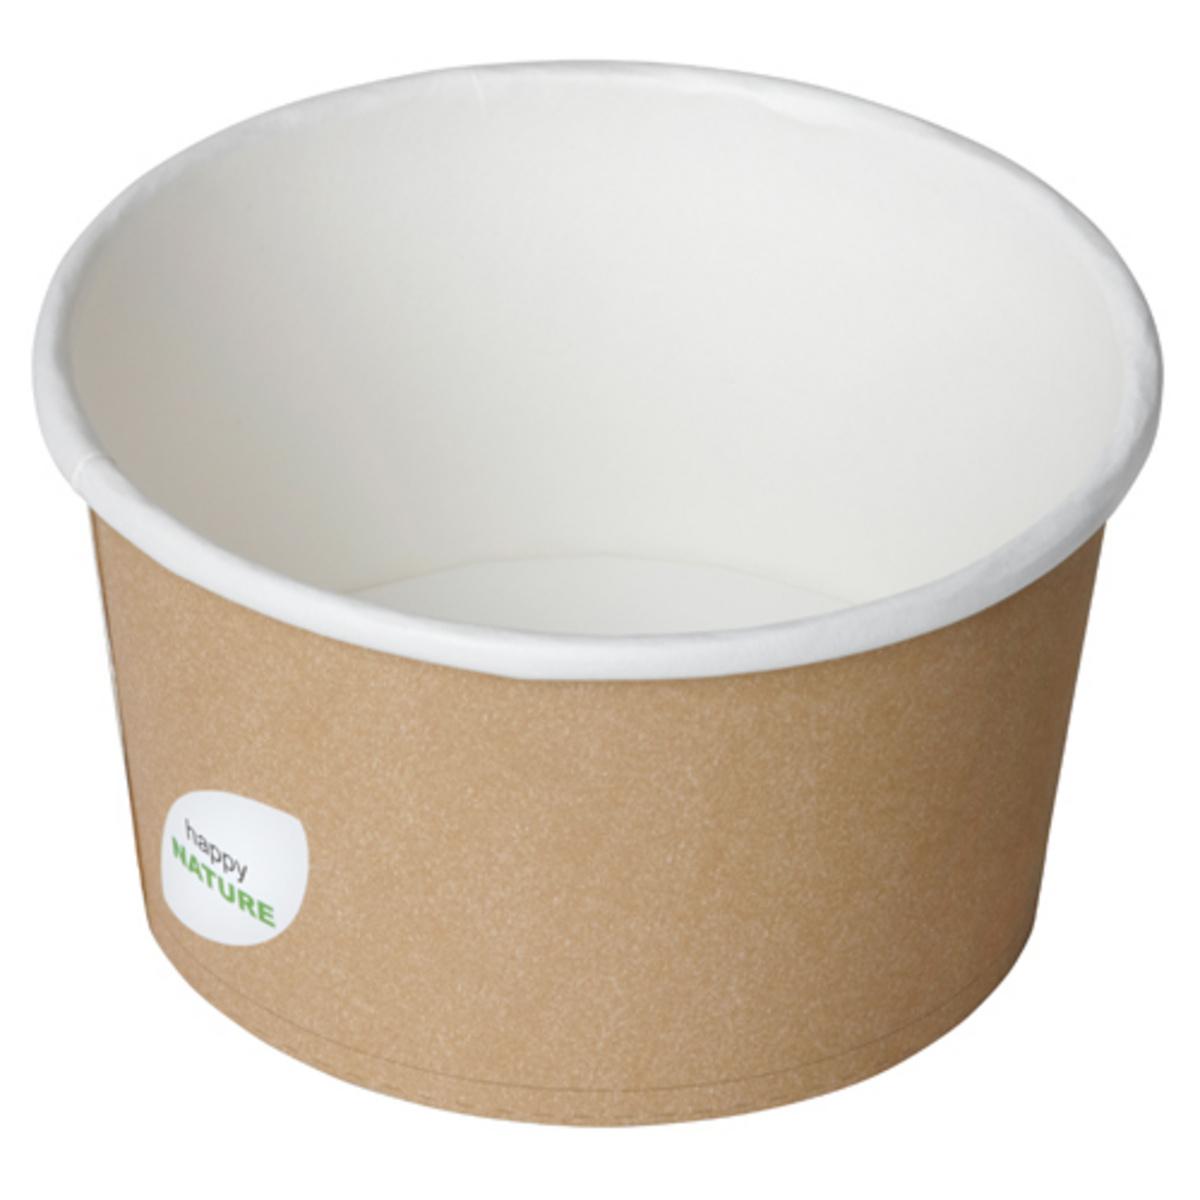 Bol rond beige Ø 11,50 cm 40 cl Duni (50 pièces)